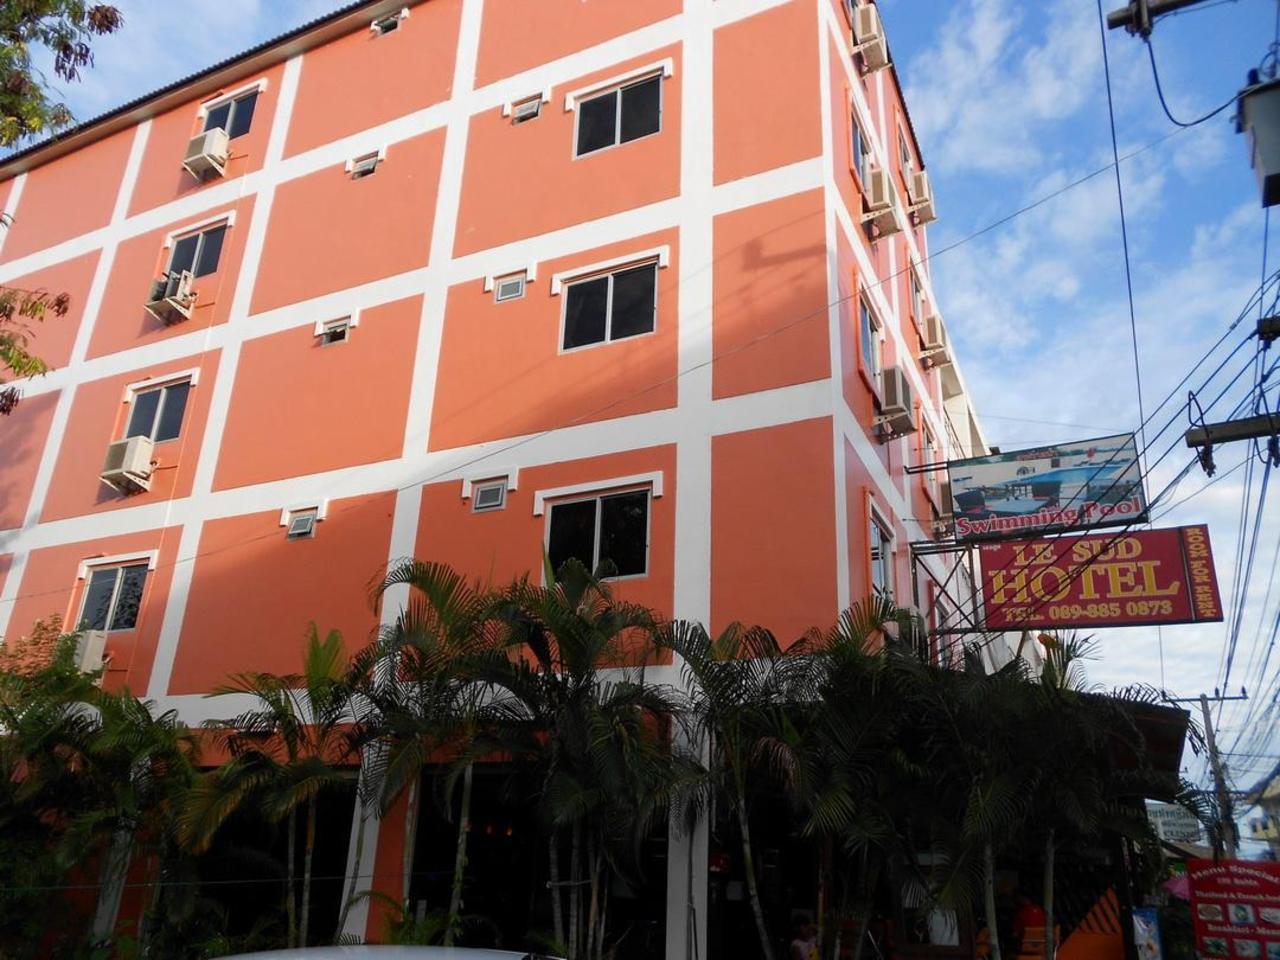 โรงแรมเลอ ซูด (Hotel Le Sud)